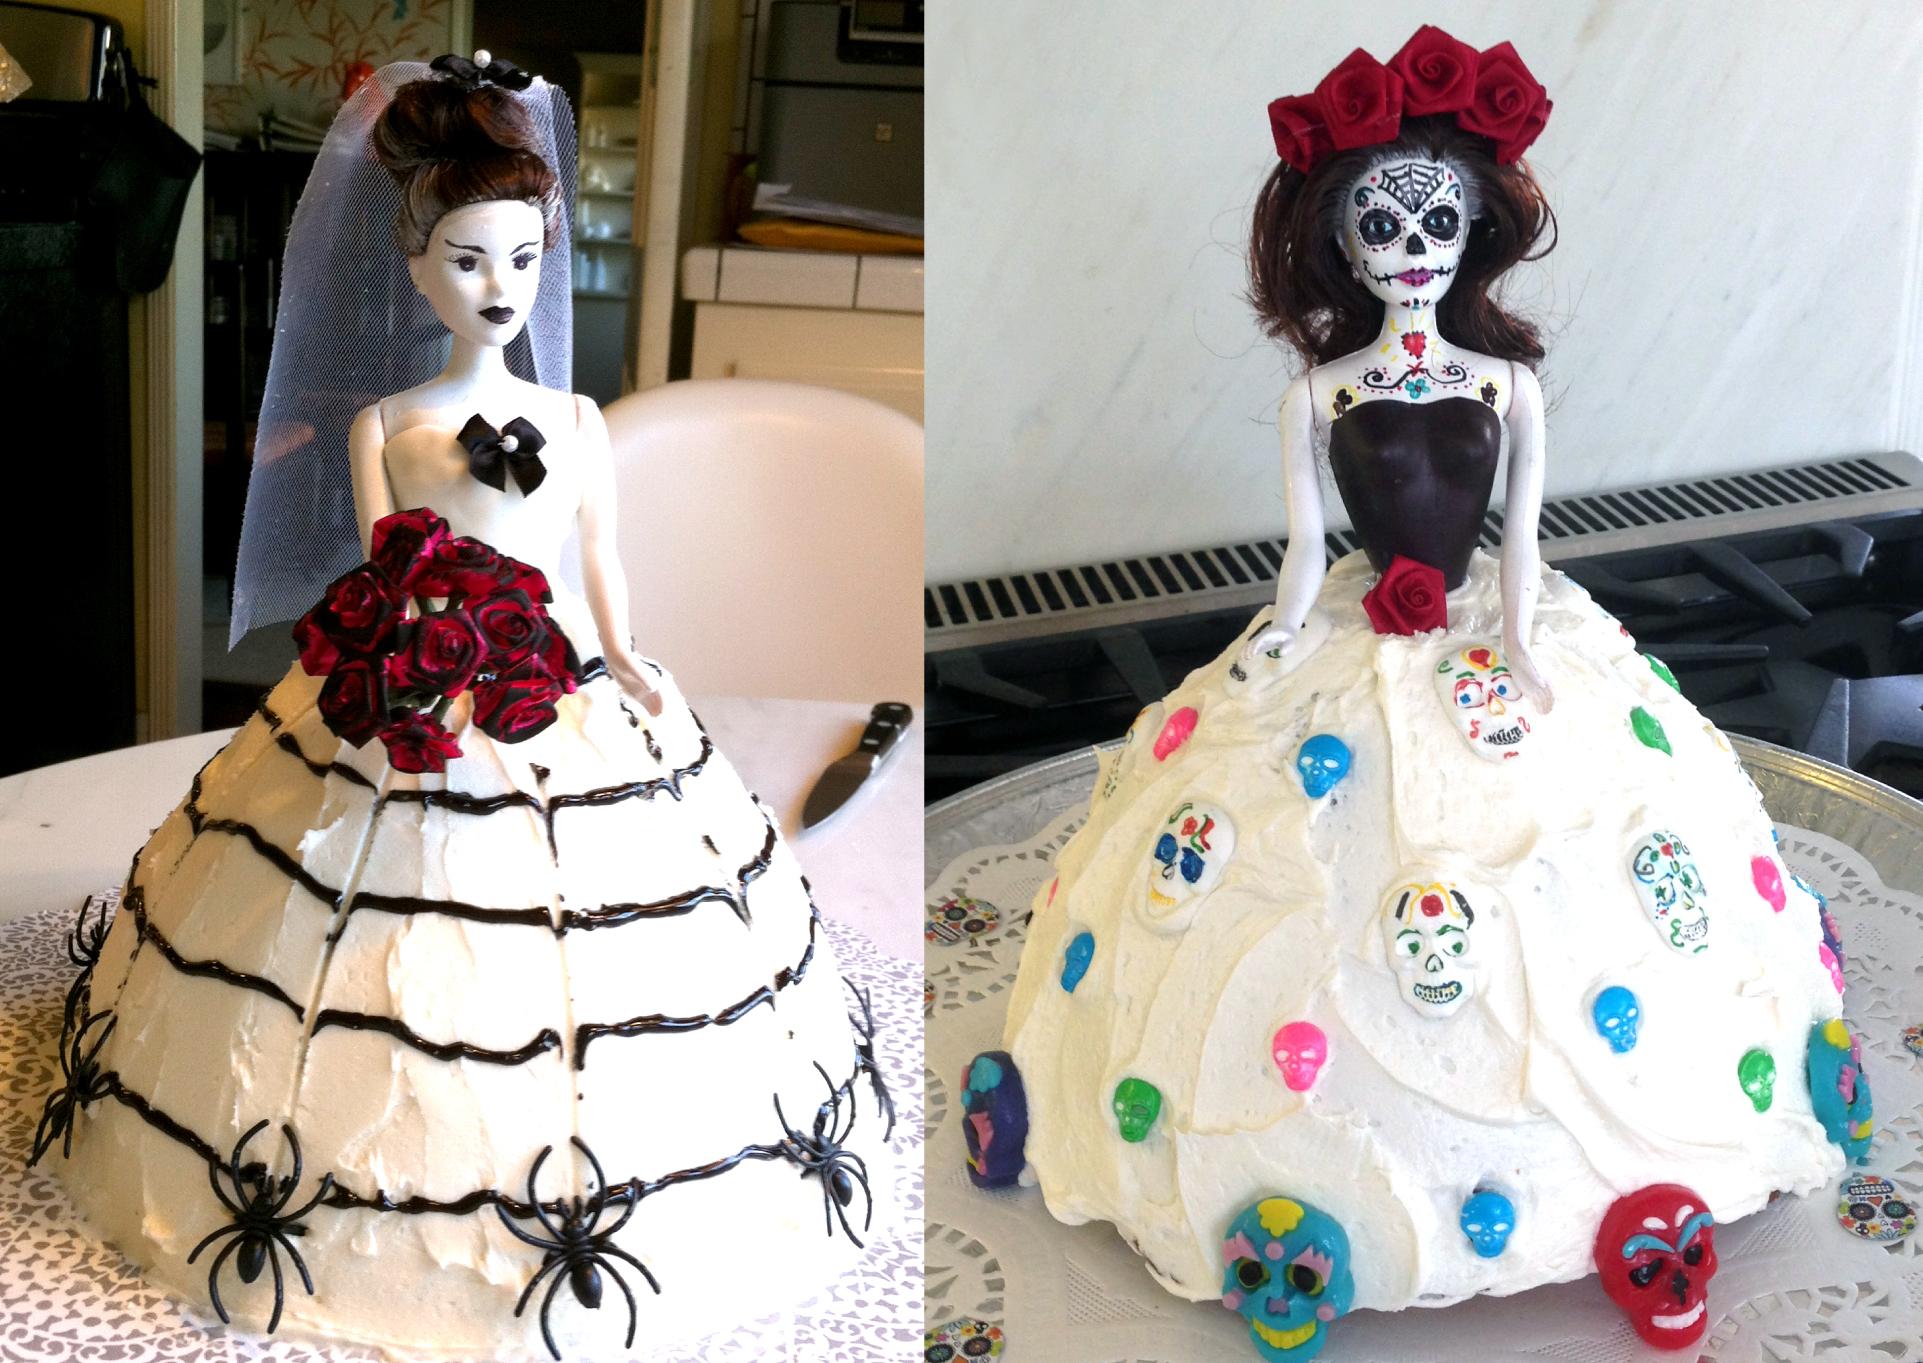 Bride of Frankenstein & Dia de la Muerta cakes for my daughter's school Fundraiser